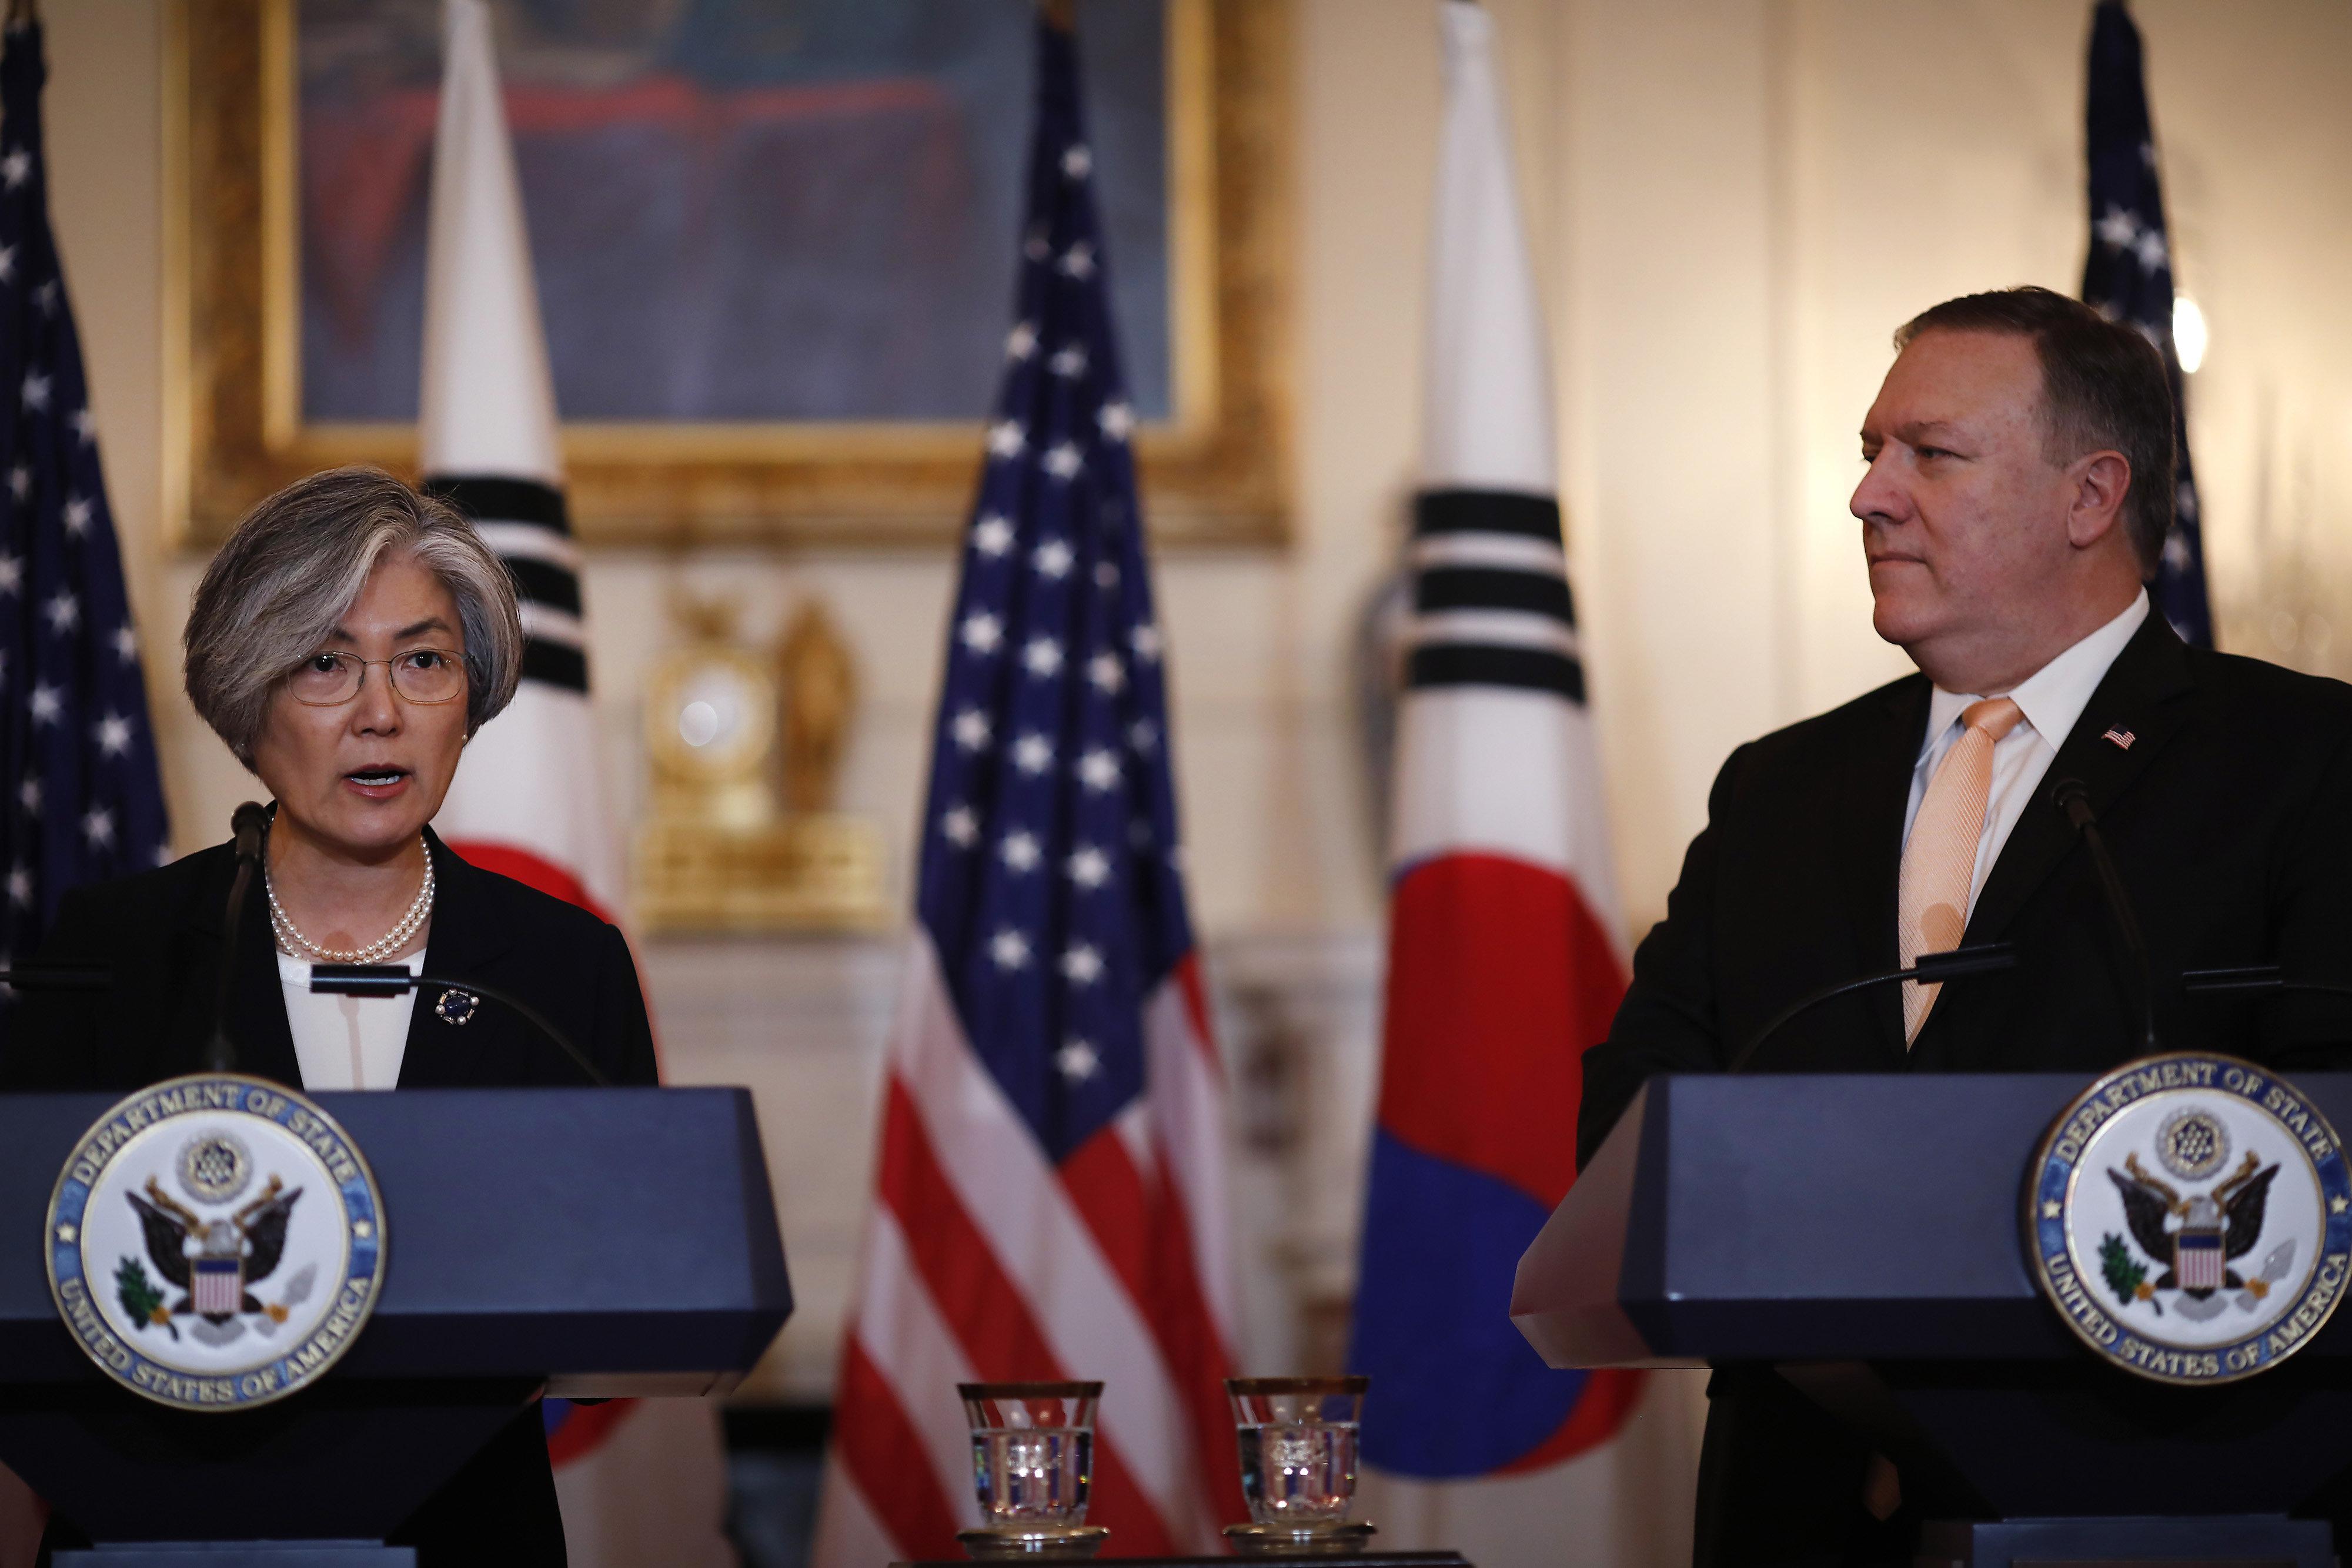 미국이 북한에 민간투자를 허용하겠다고 밝혔다